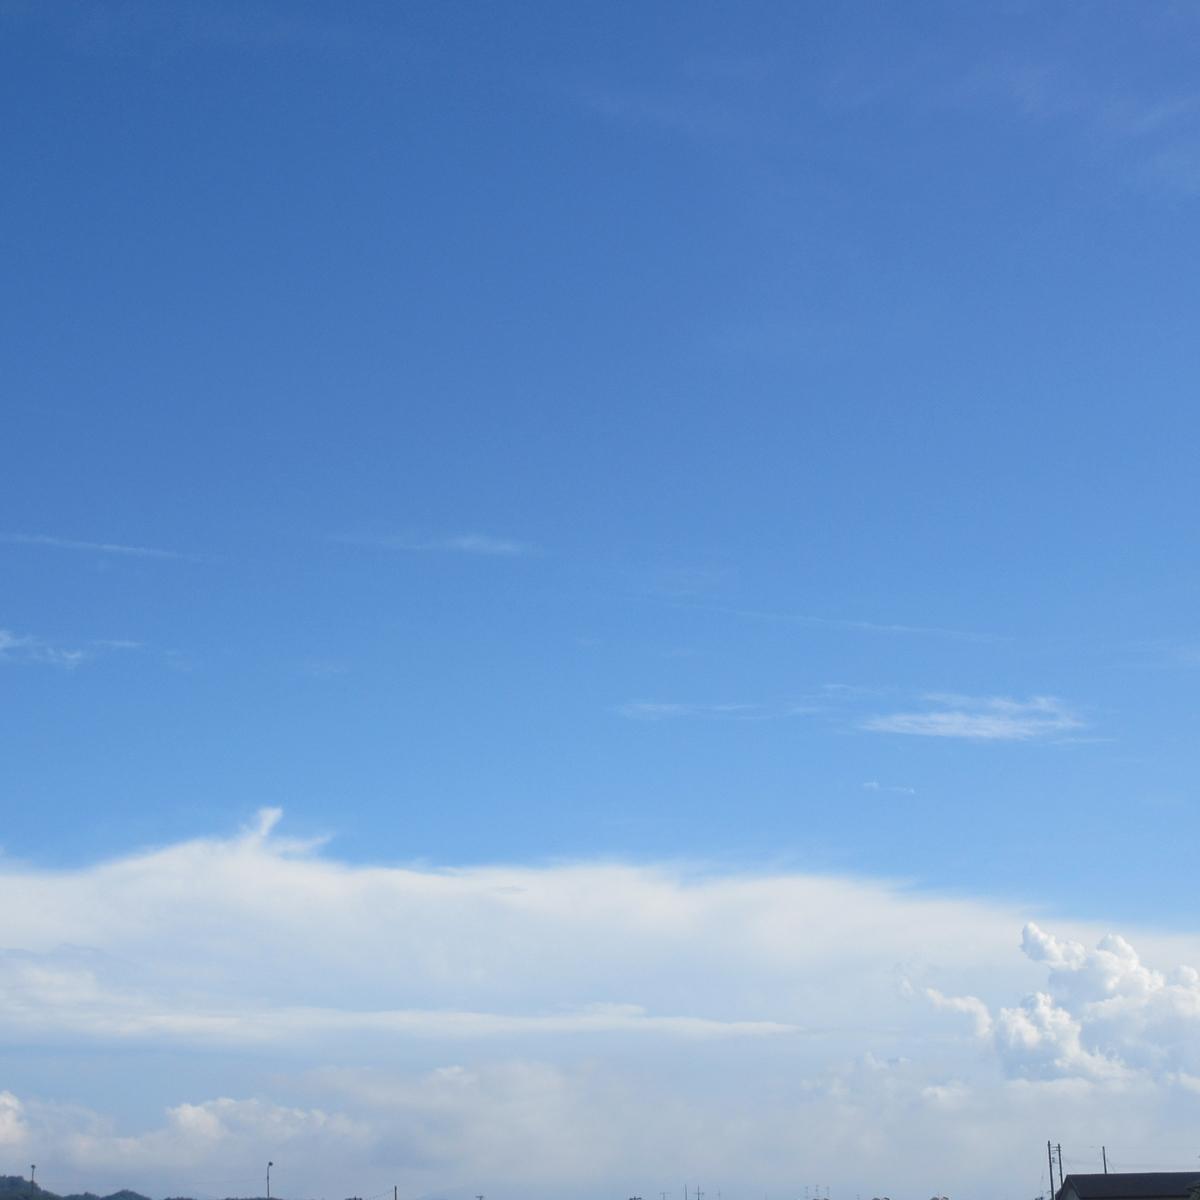 2015年7月9日の空の写真 (4)